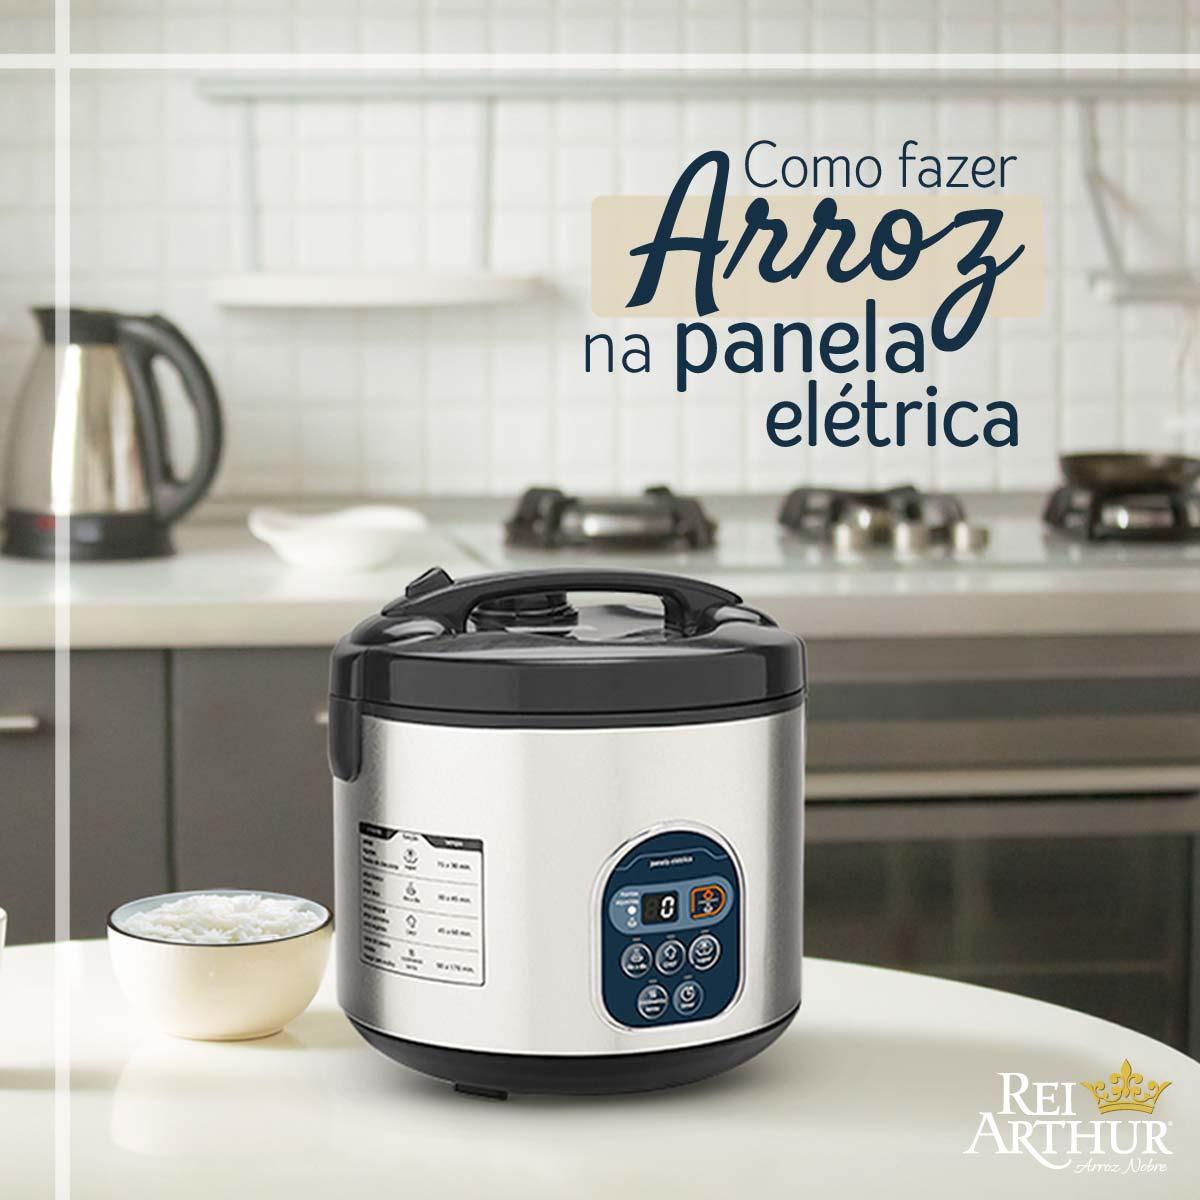 Como fazer arroz na panela elétrica e sua vantagens